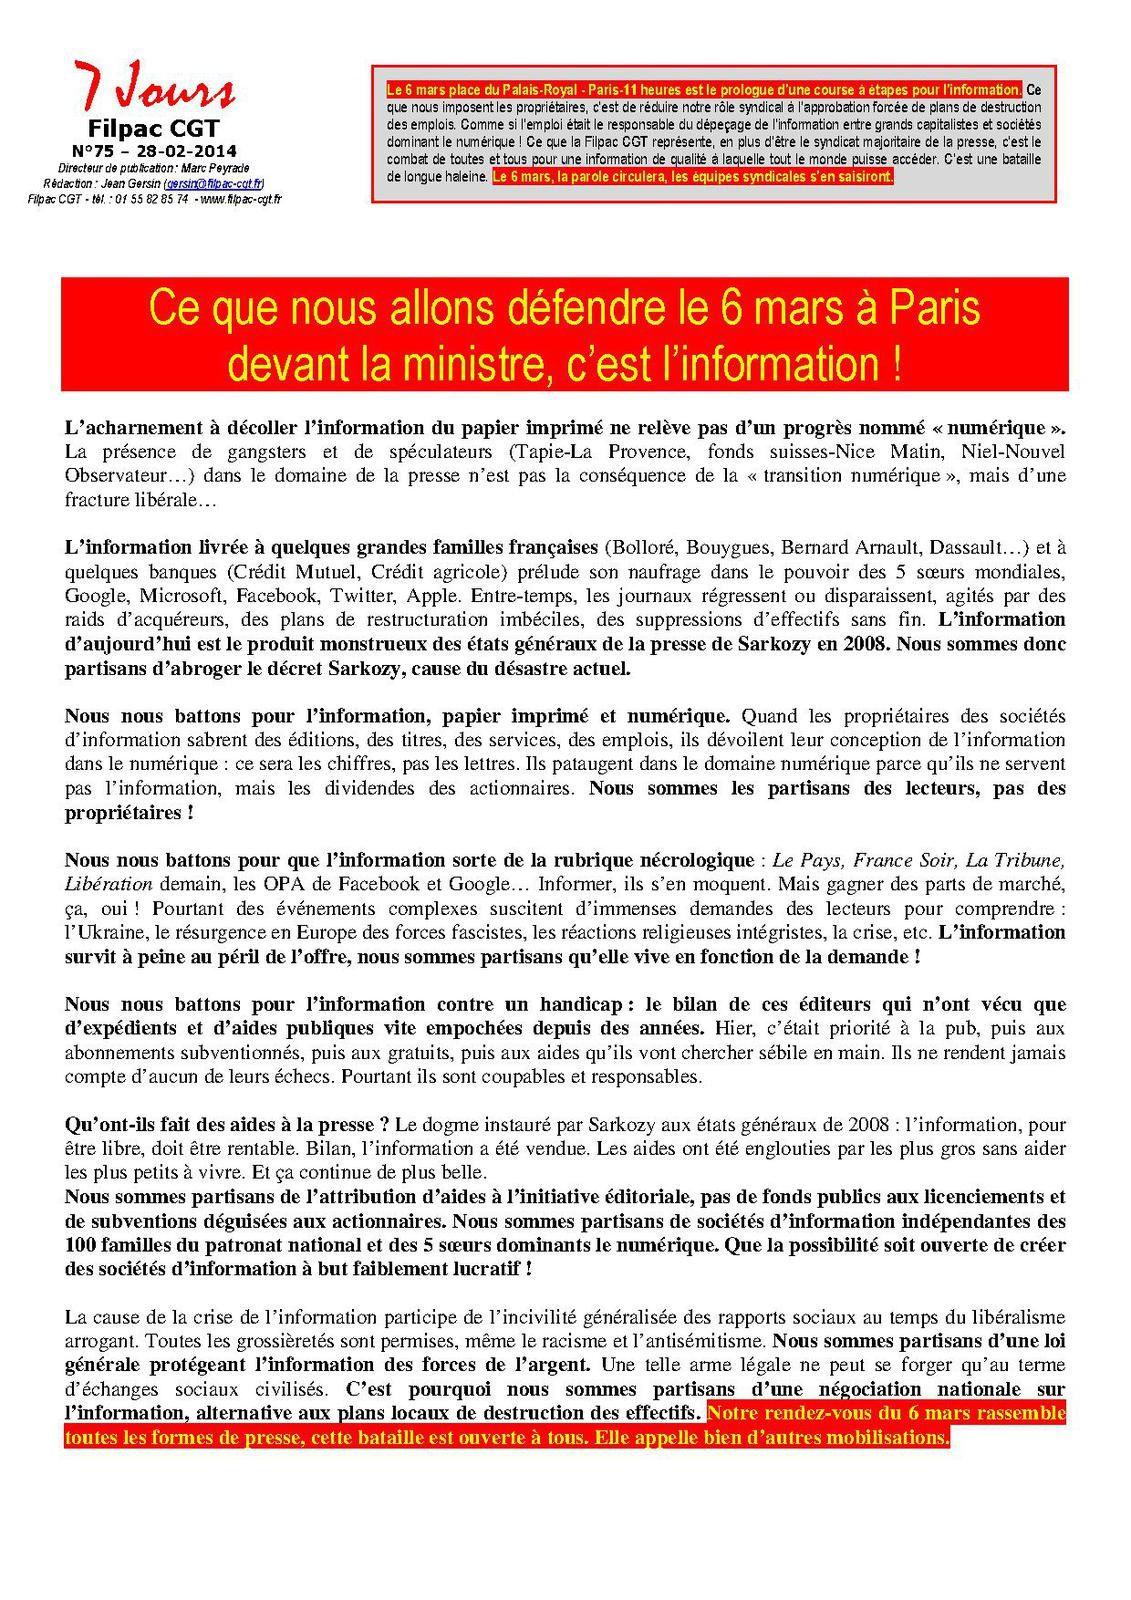 Ce que nous allons défendre le 6 mars à Paris devant la ministre, c'est l'information !